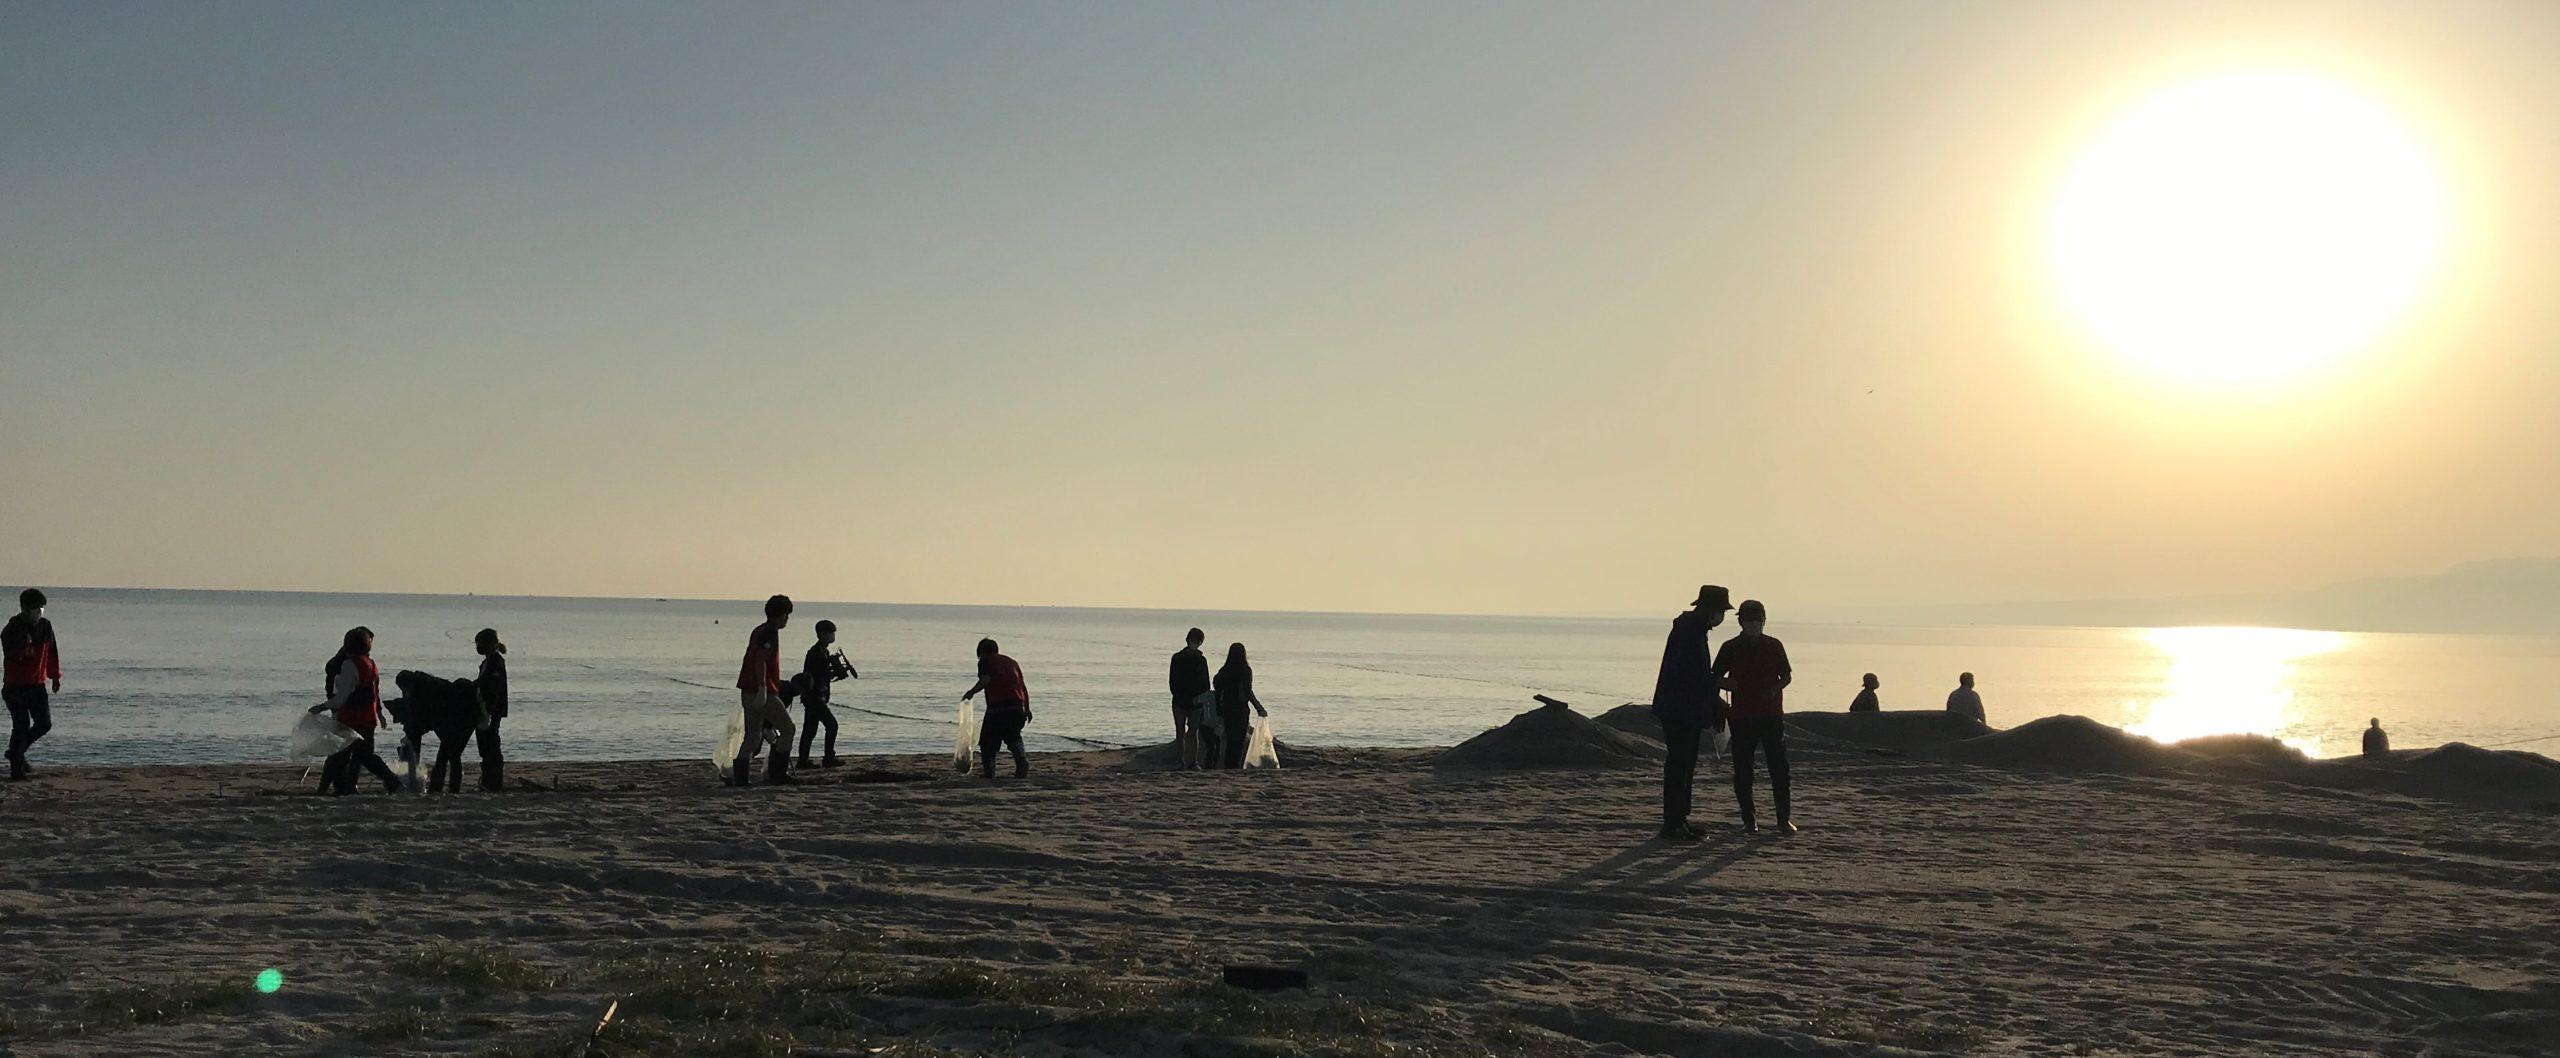 SDGs体験イベント『海の魚を網でとる!魚はゴミで困ってる?』が開催されました